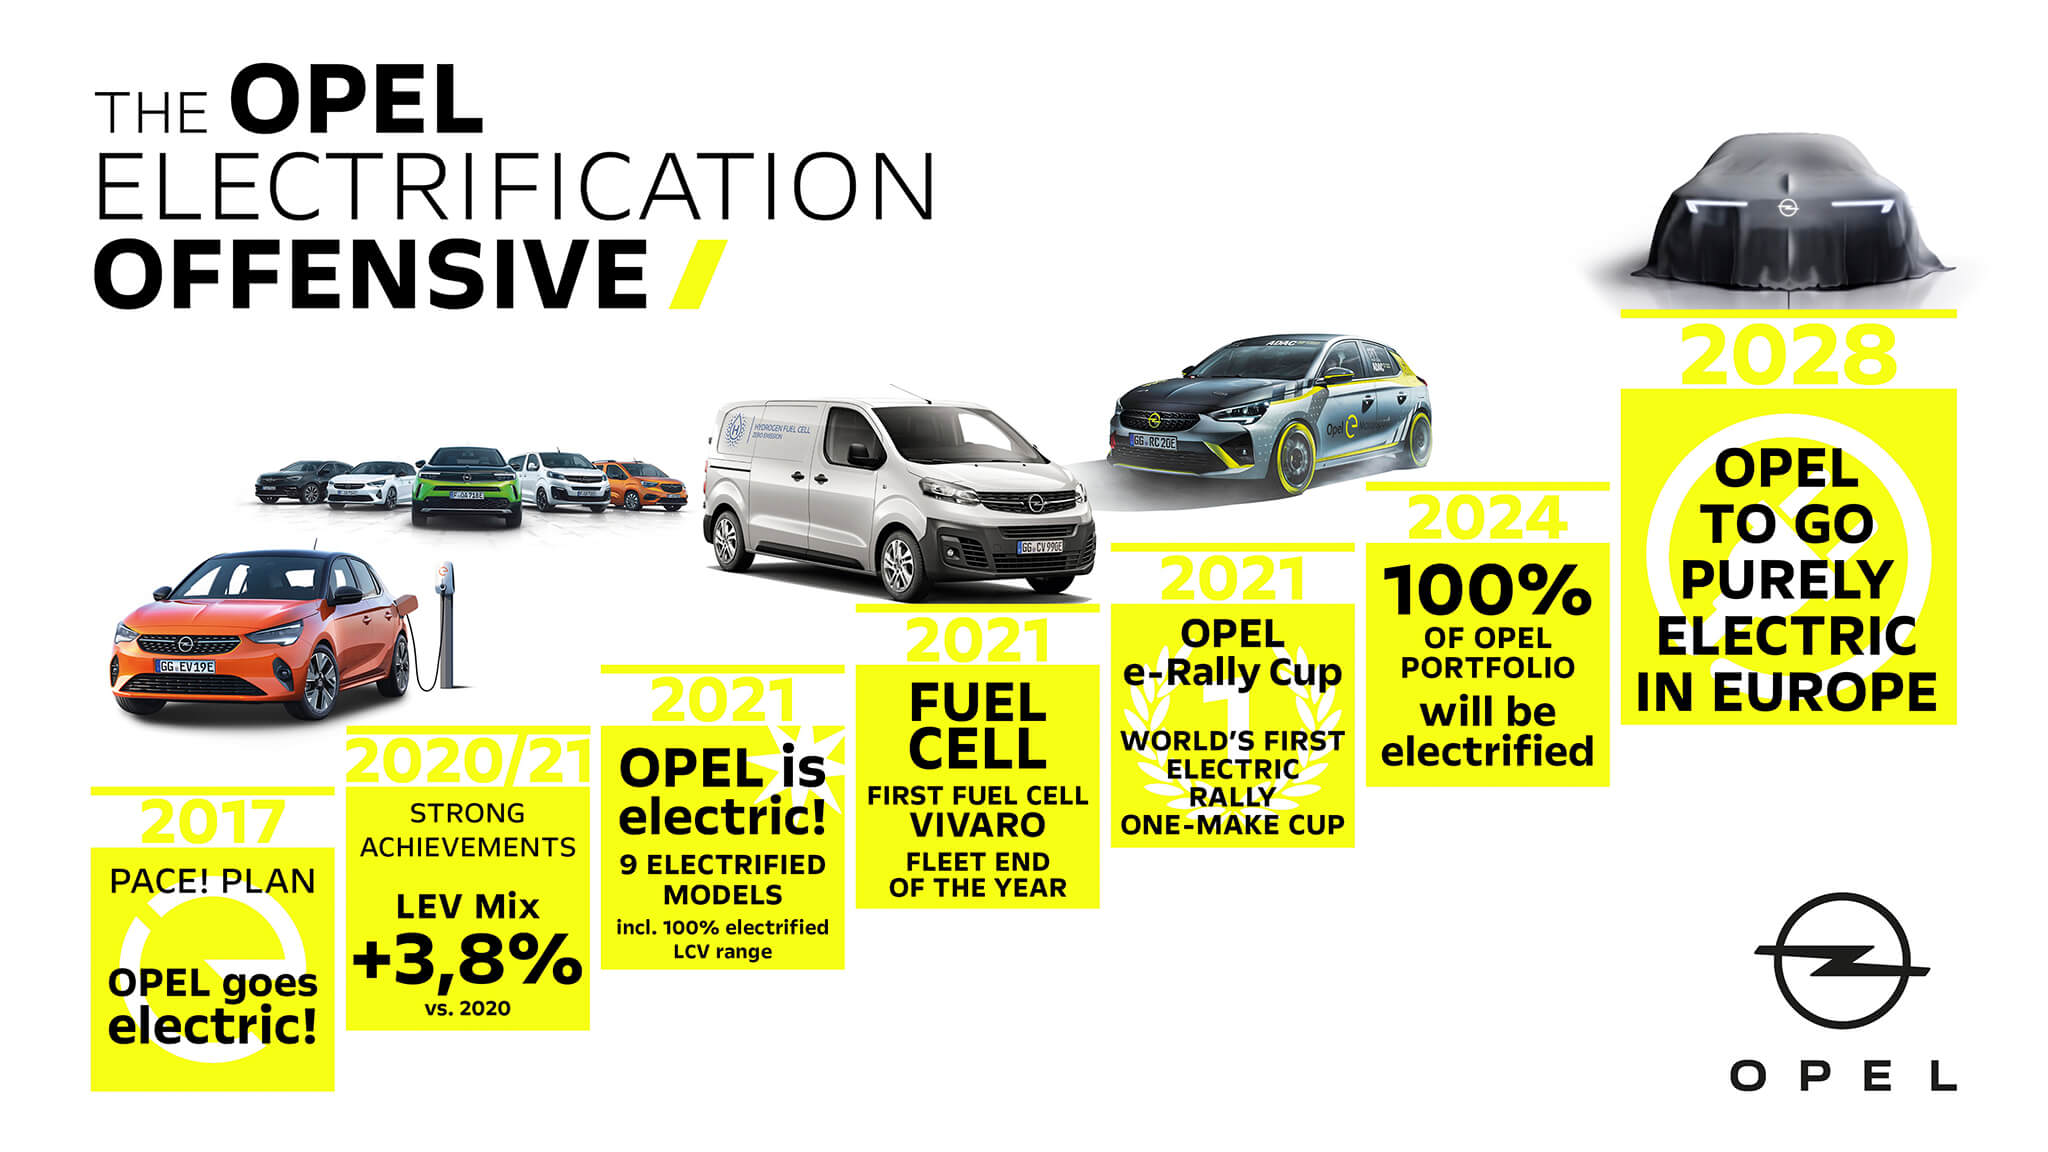 Plano eletrificação Opel